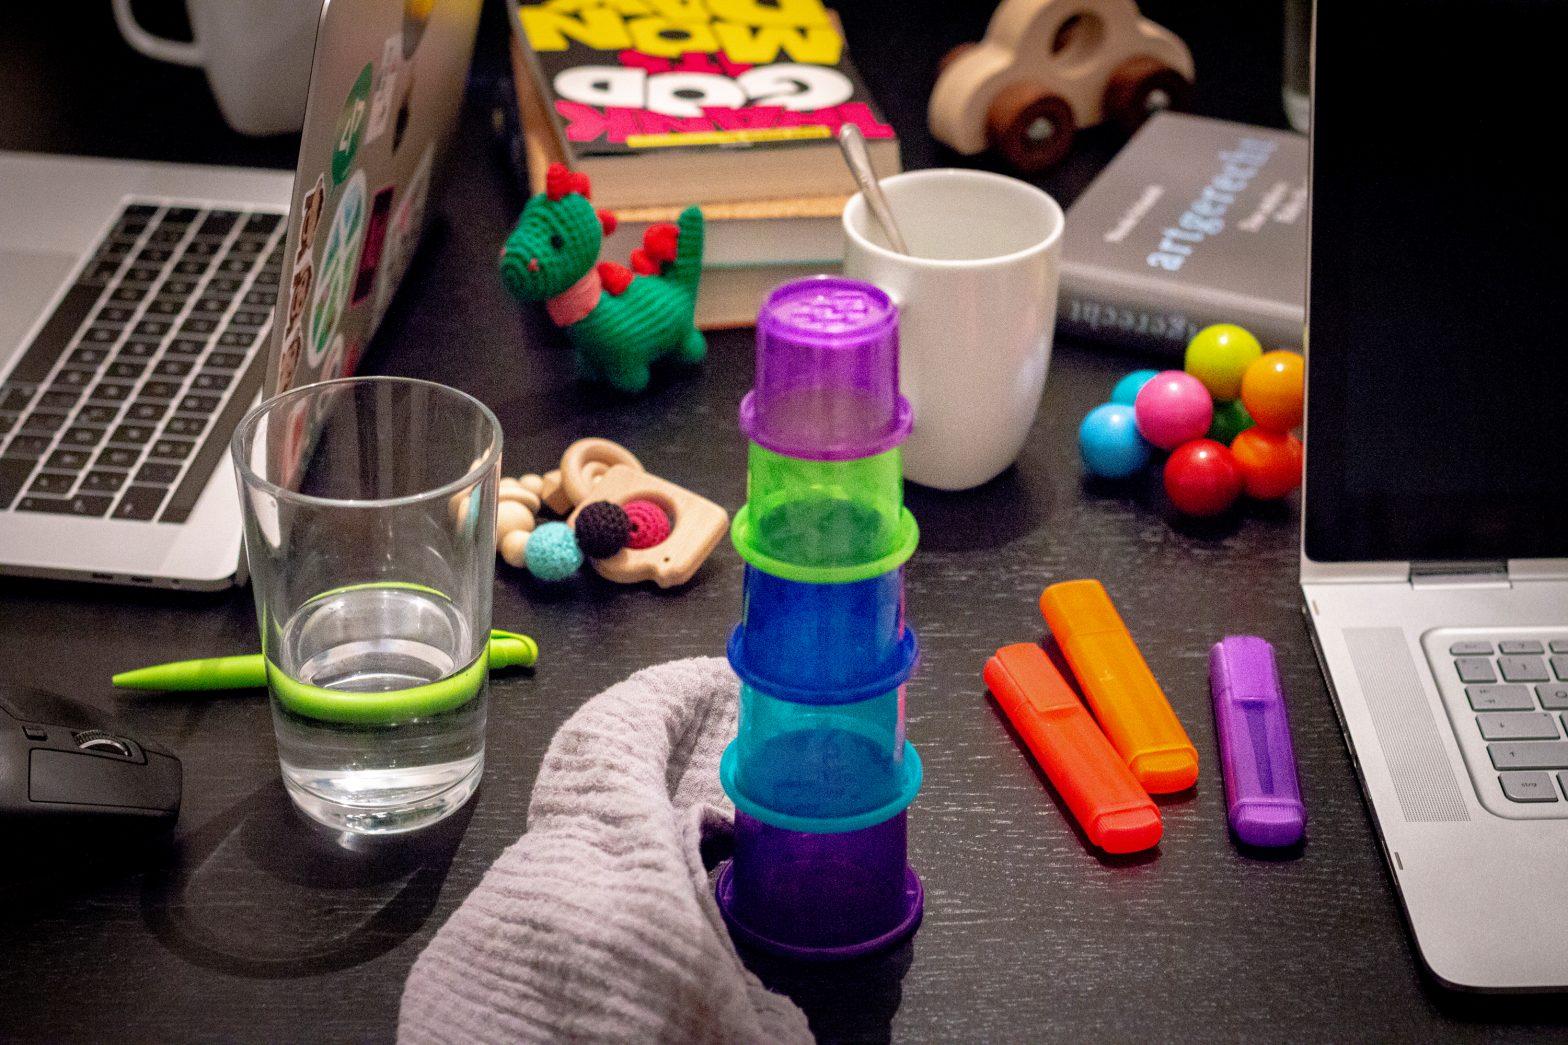 Schreibtisch mit Spielzeug und Arbeitsmaterial